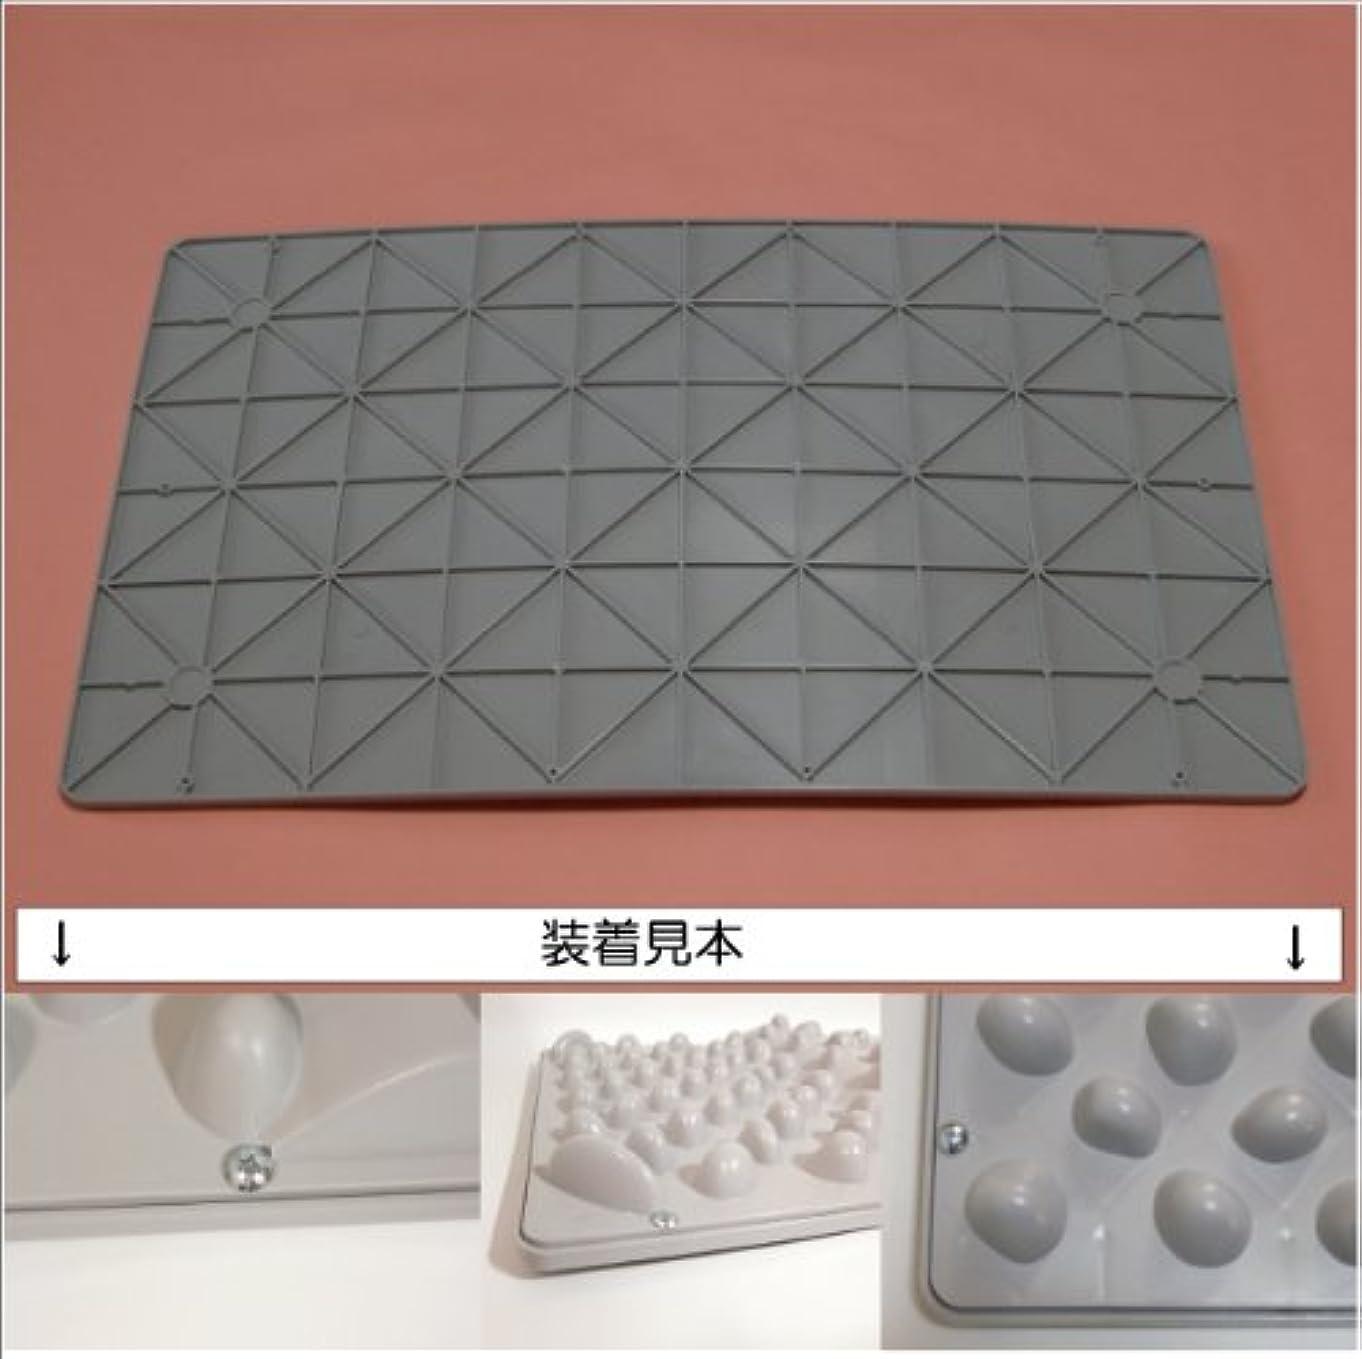 インフラアウトドア魂ウォークマットⅡ用裏板(補強用?強化プラスチック製)